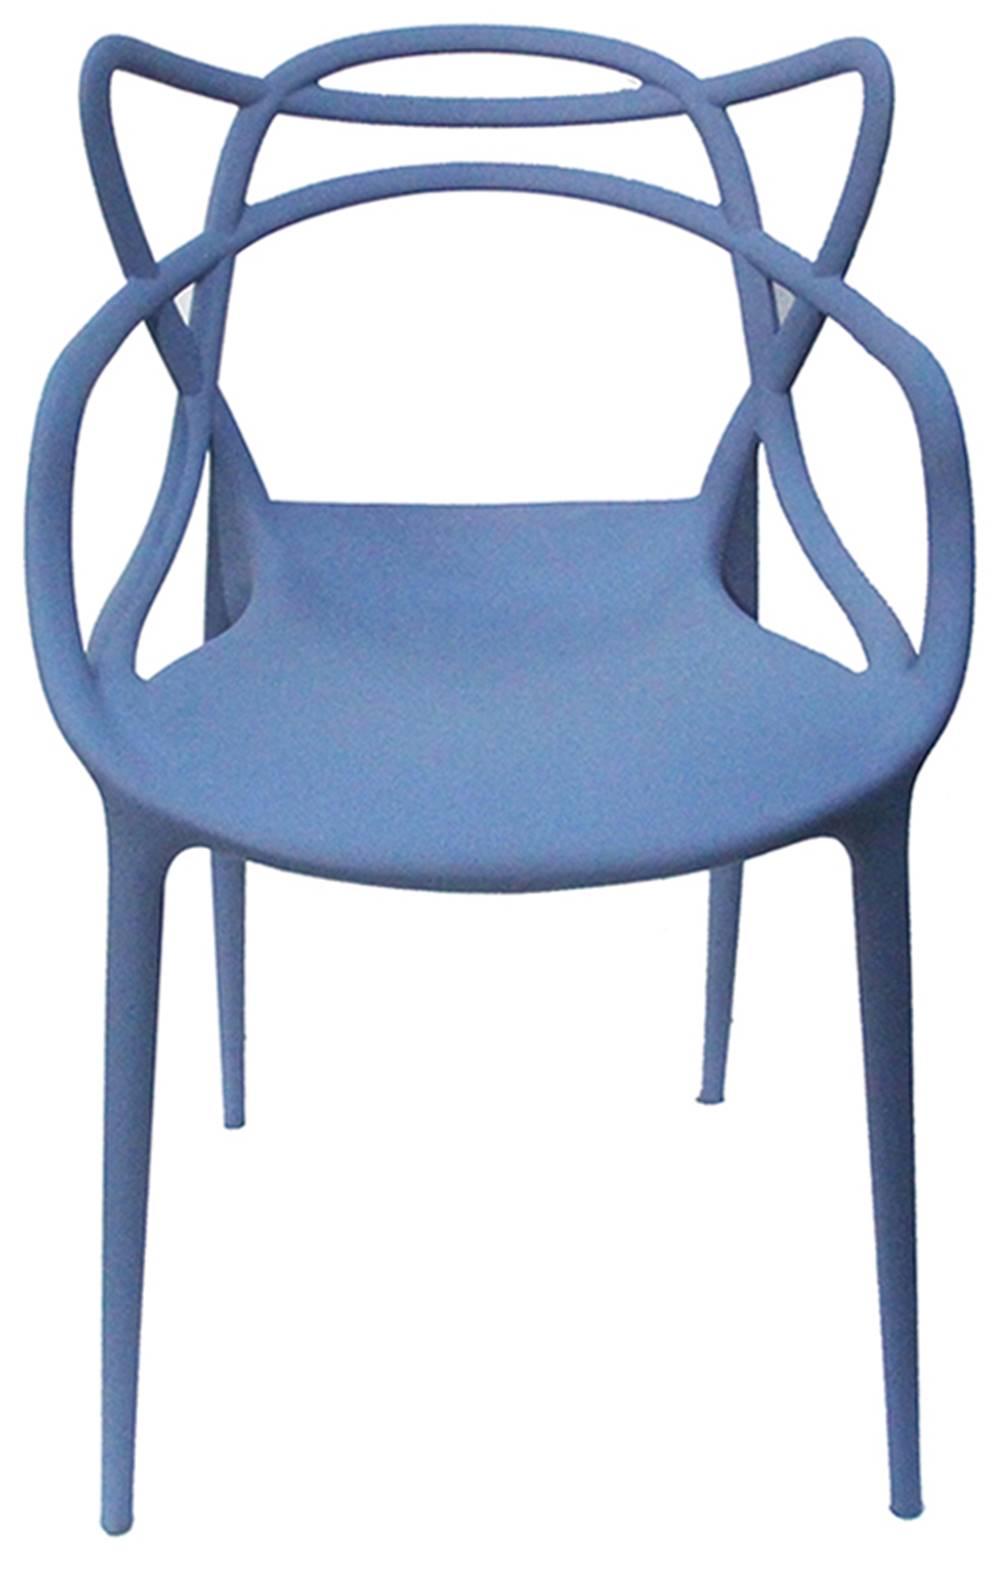 Cadeira Master Allegra Polipropileno Azul Caribe - 38025